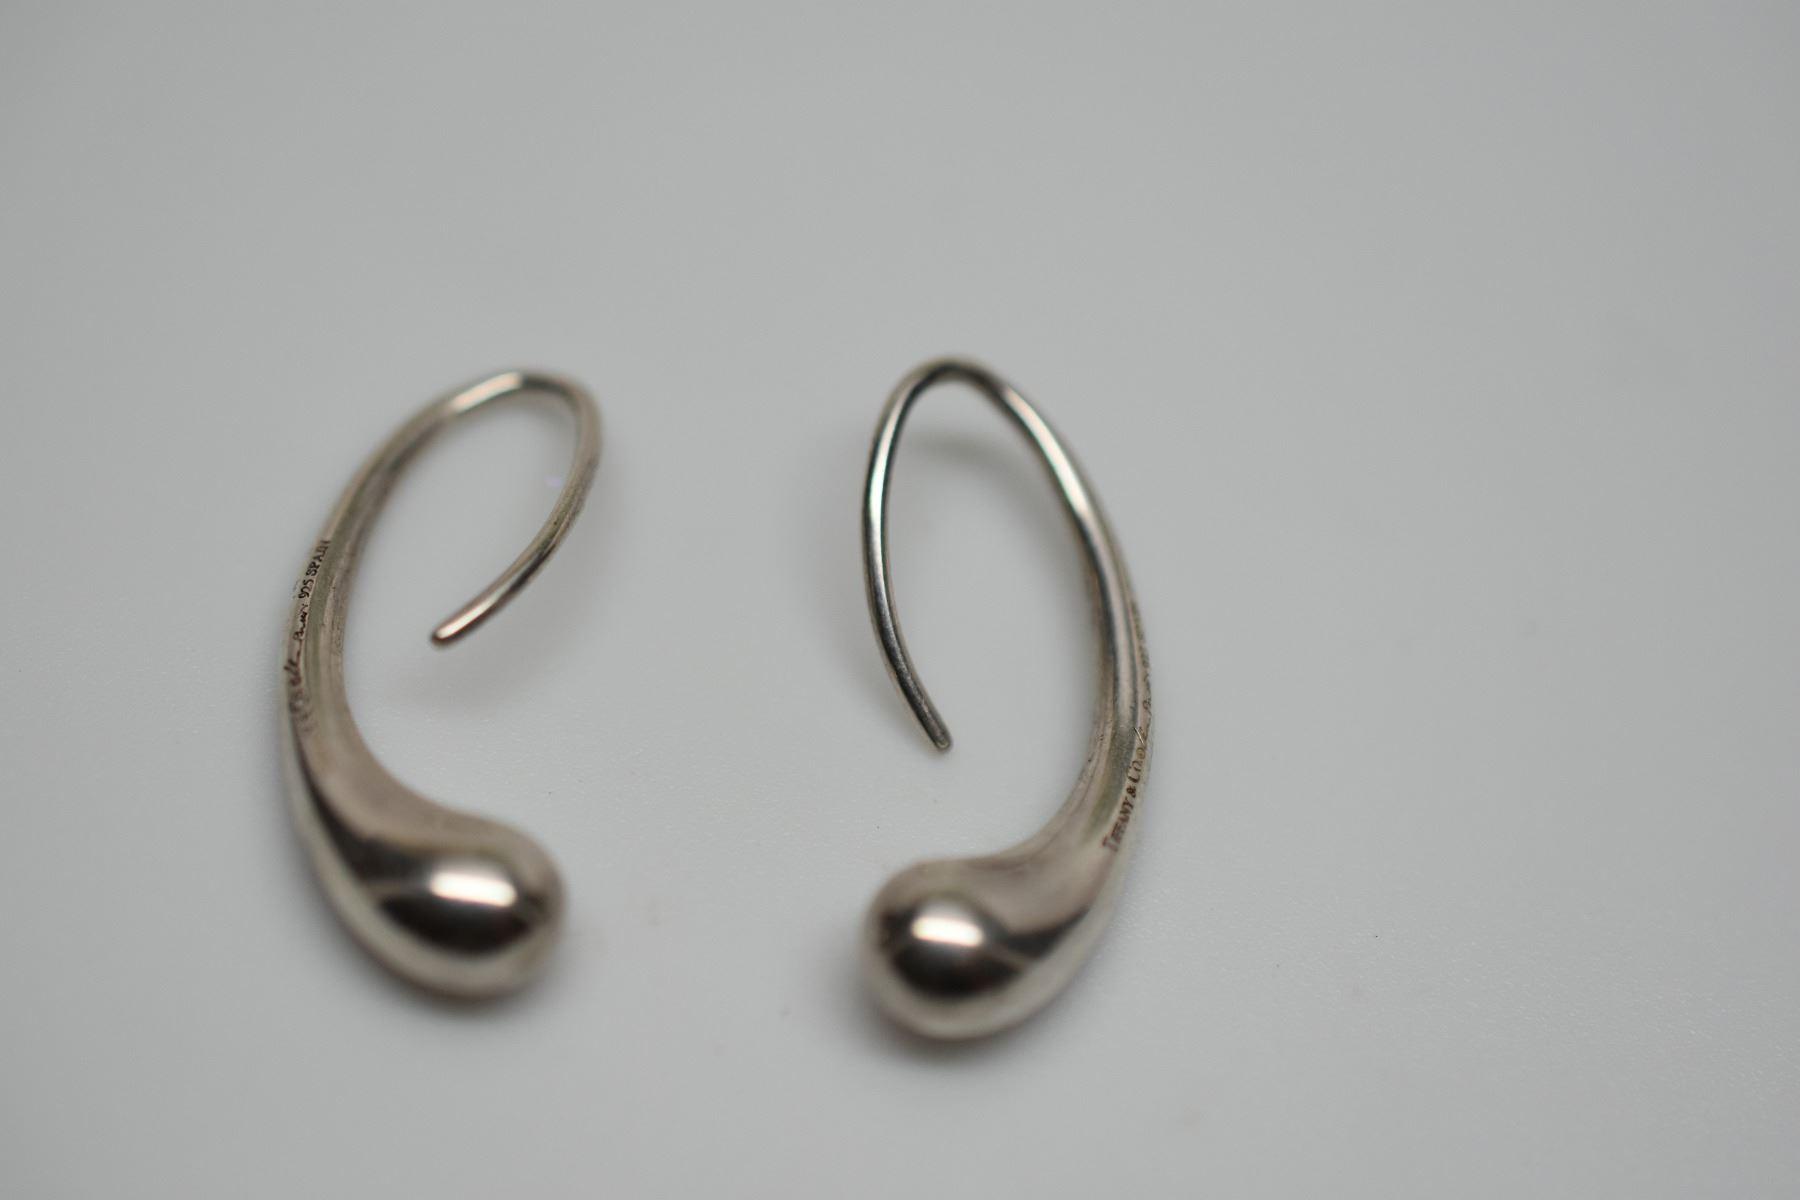 4f2d6d910 Image 1 : Pair: Tiffany & Co. Sterling Silver Teardrop Earrings - 1